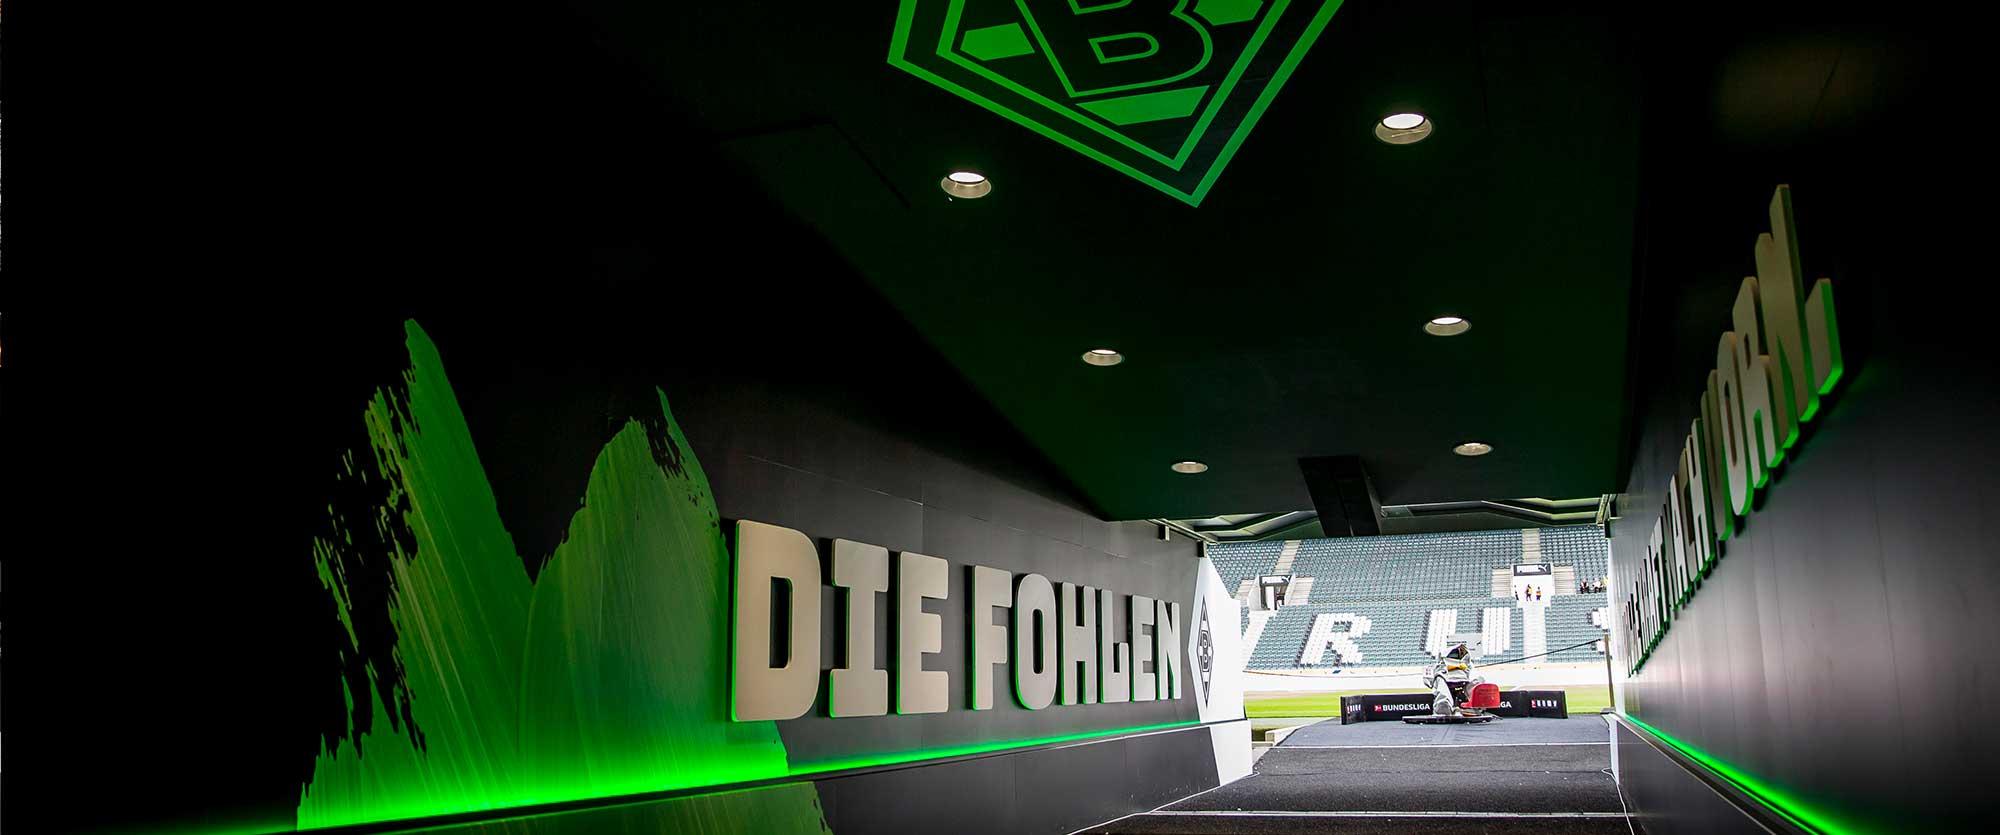 Stadionführung Mönchengladbach